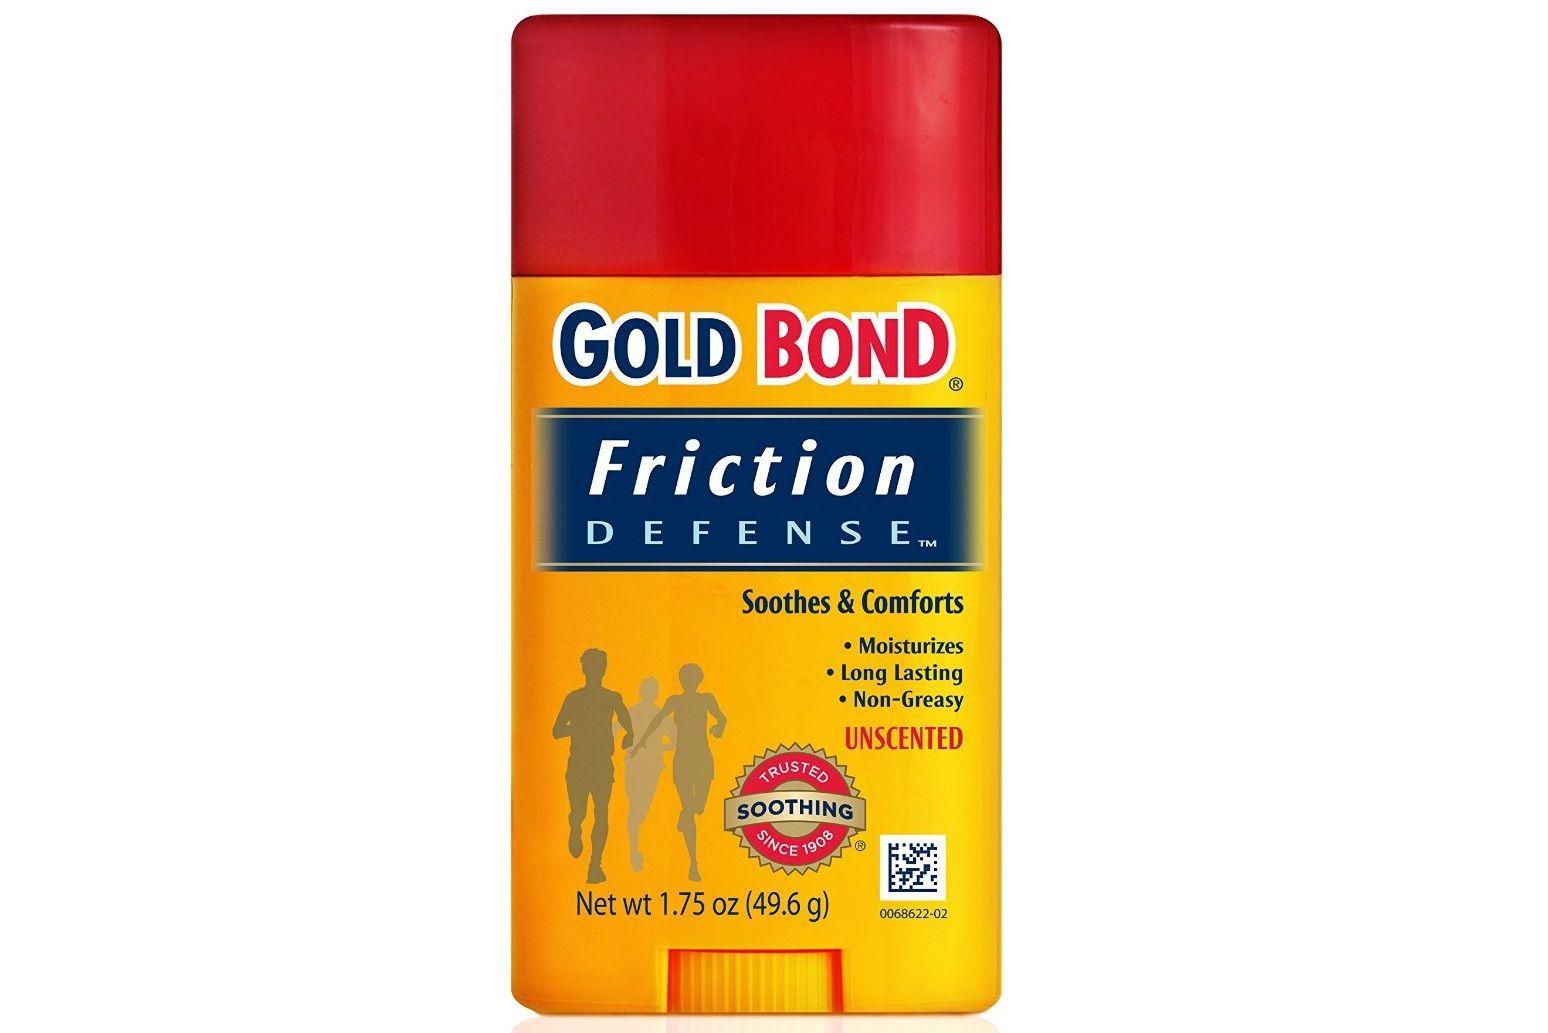 Defensa contra la fricción de los bonos de oro